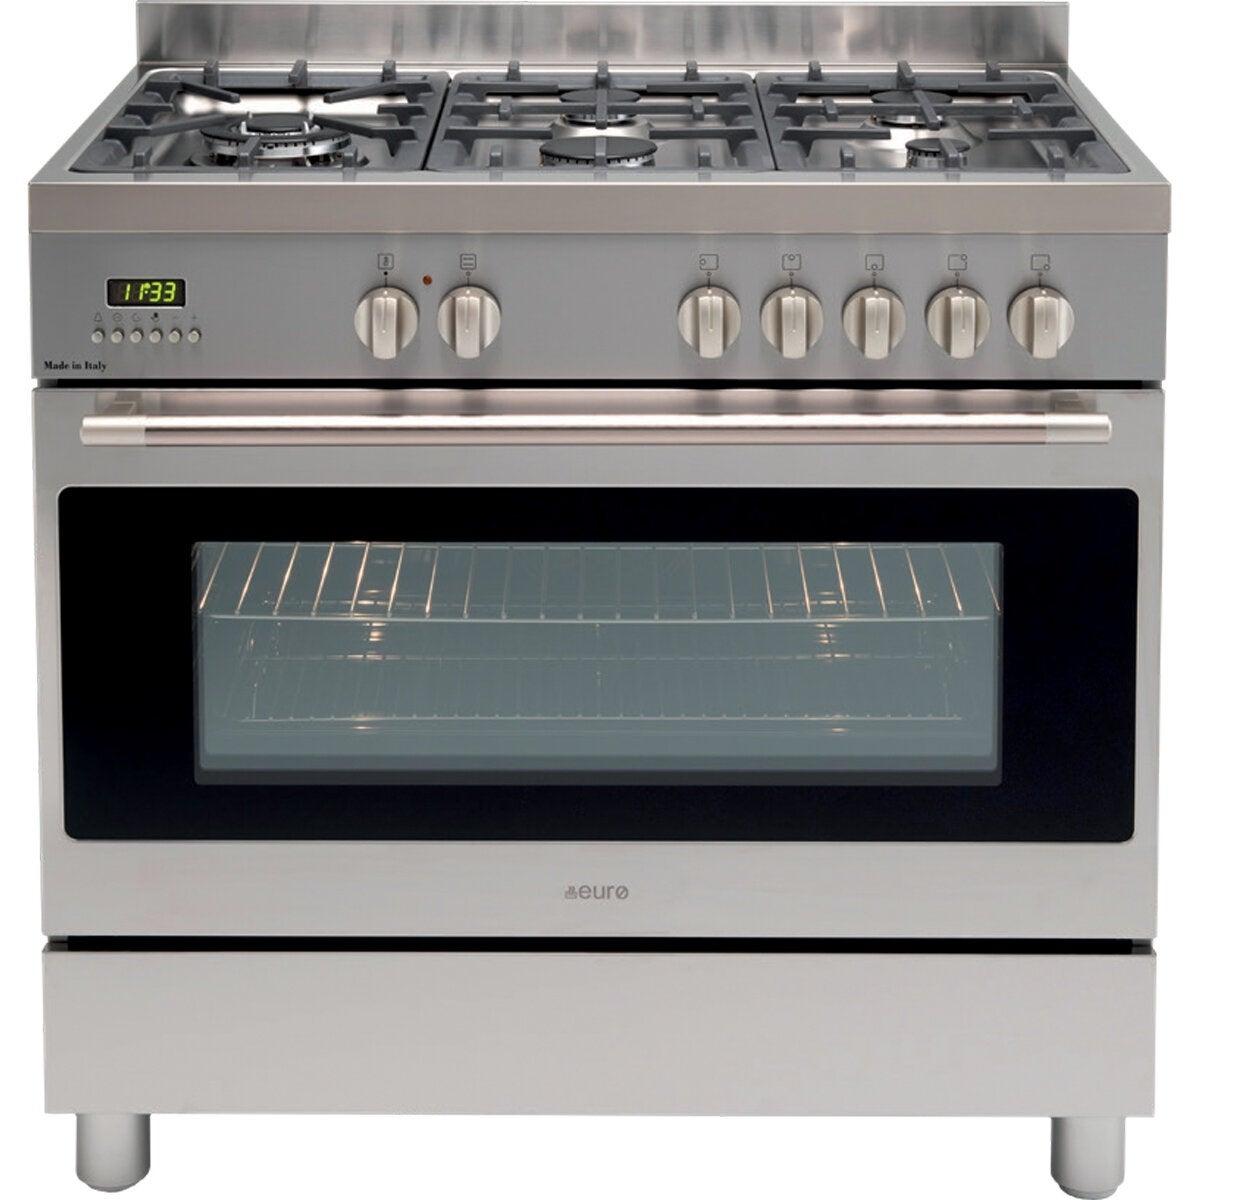 Euro Appliances EFS900LDX Oven